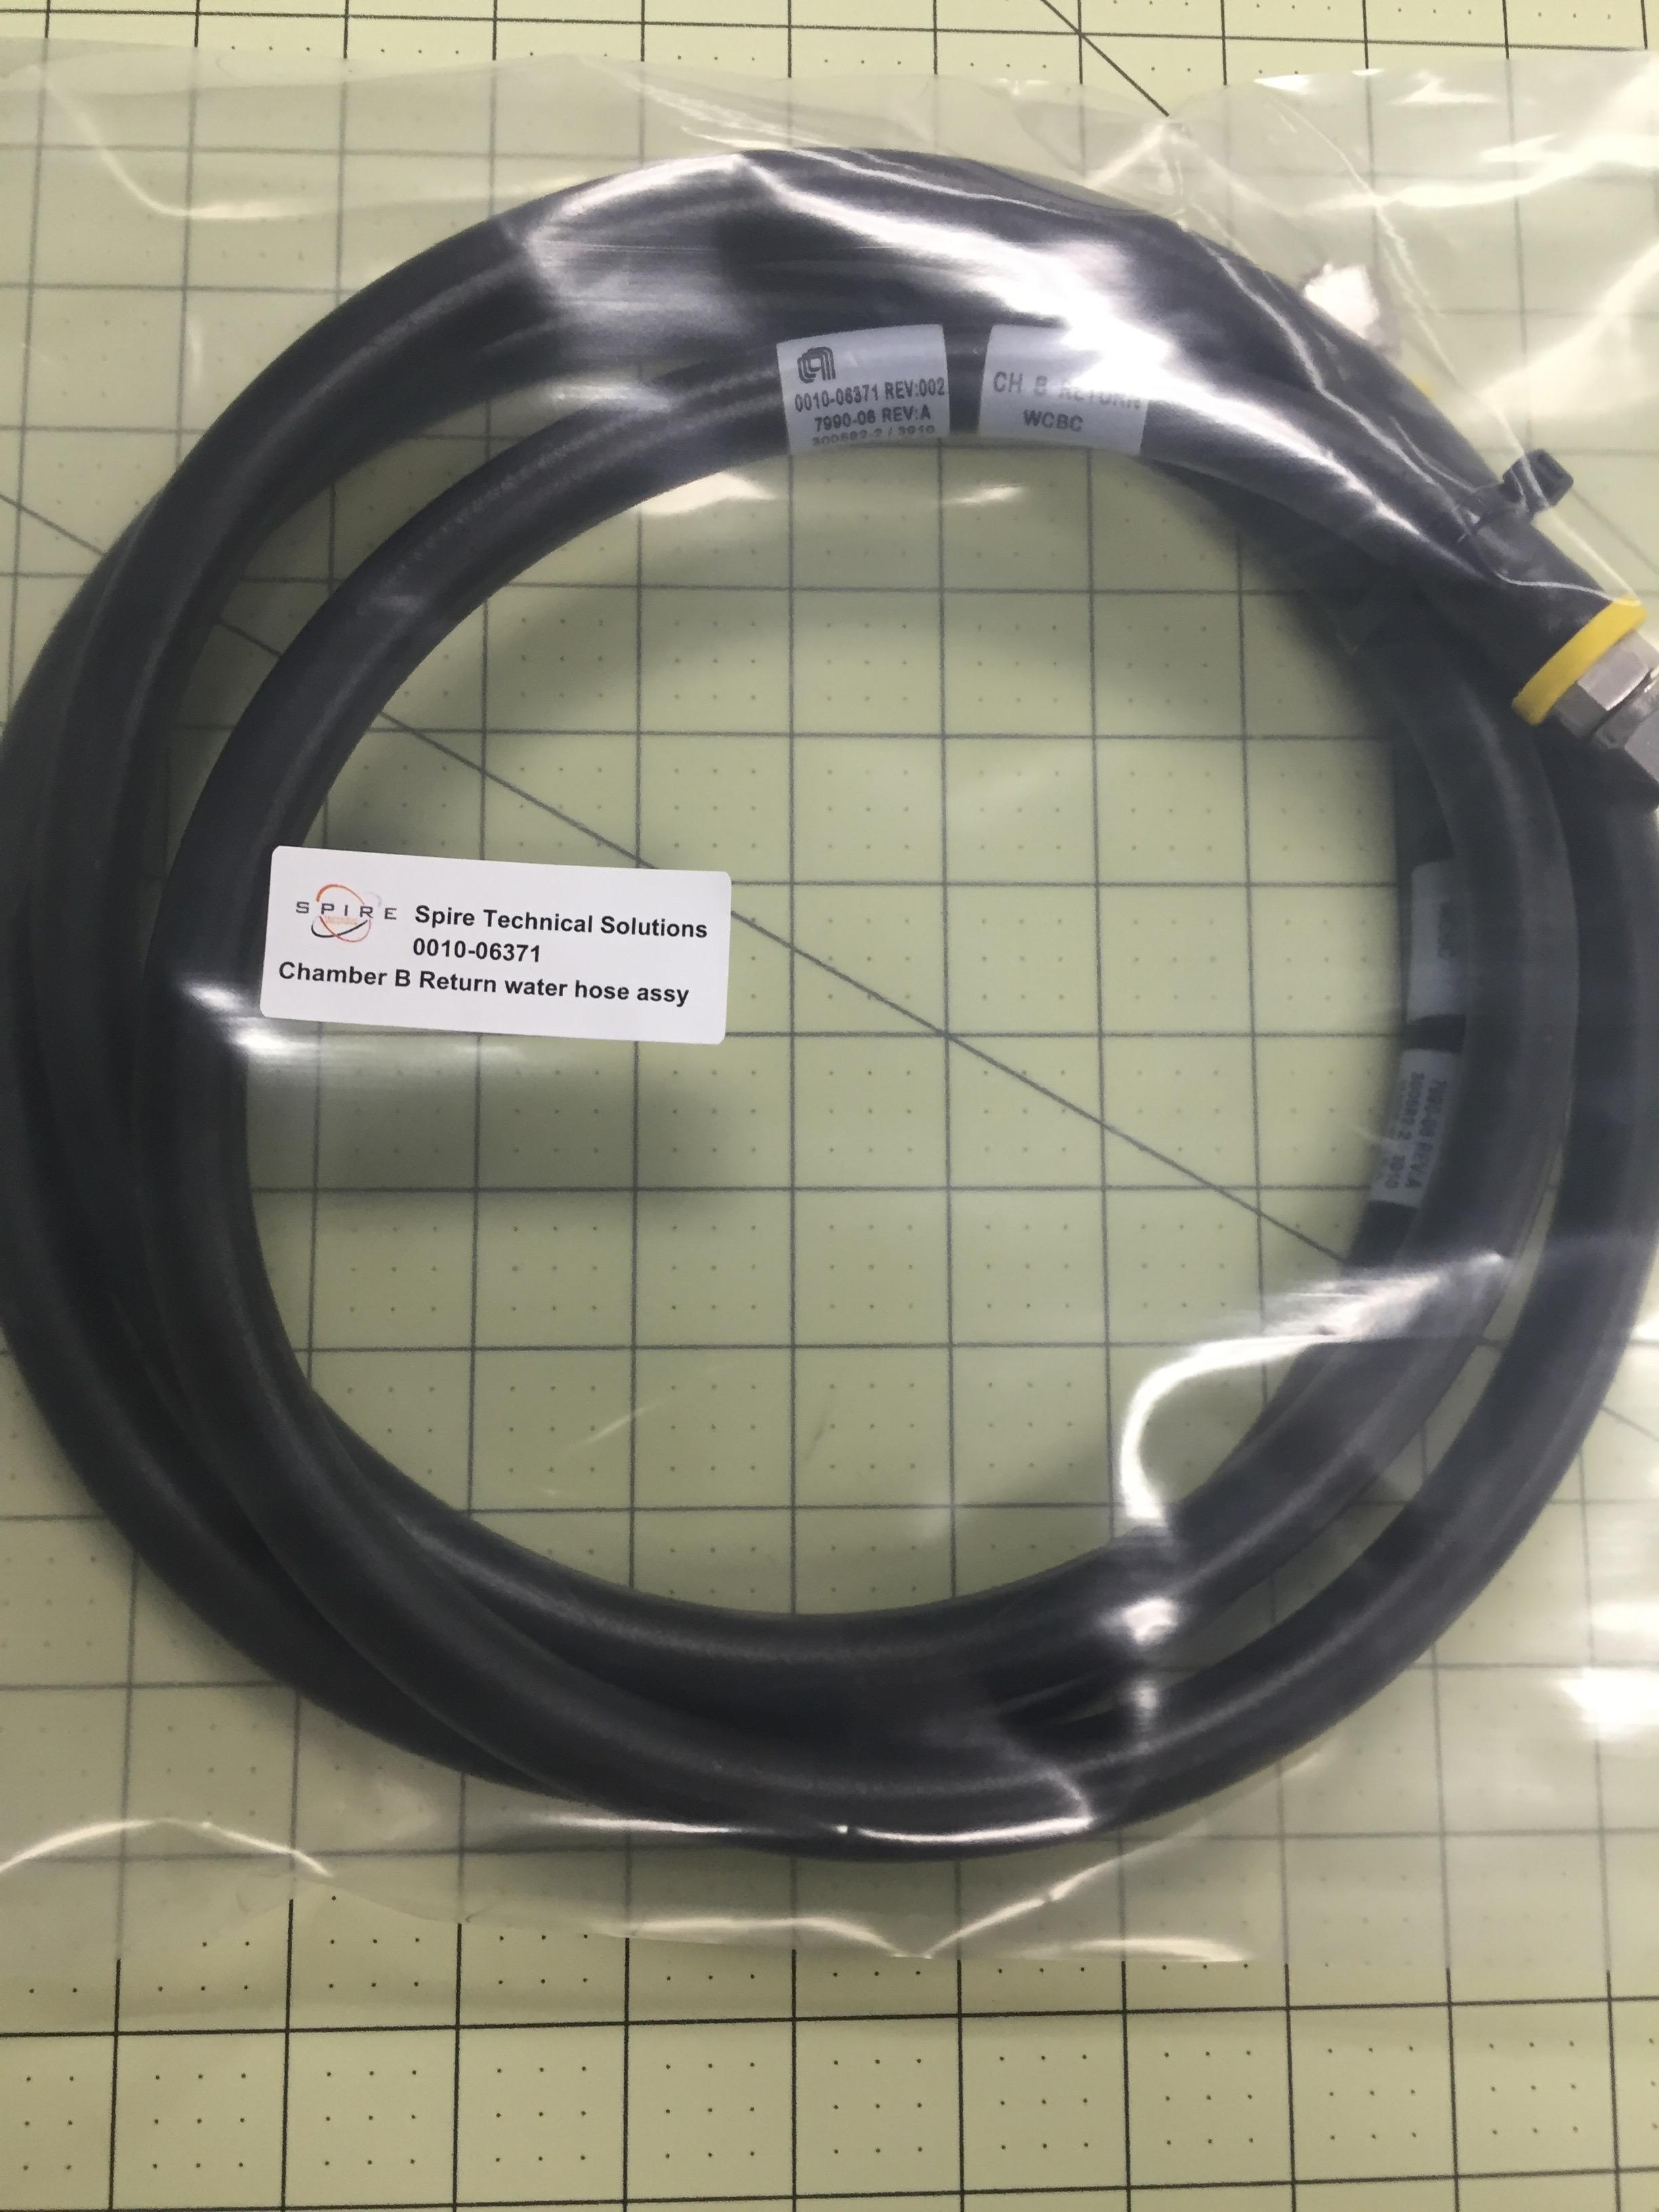 Chamber B Return WTR hose assy